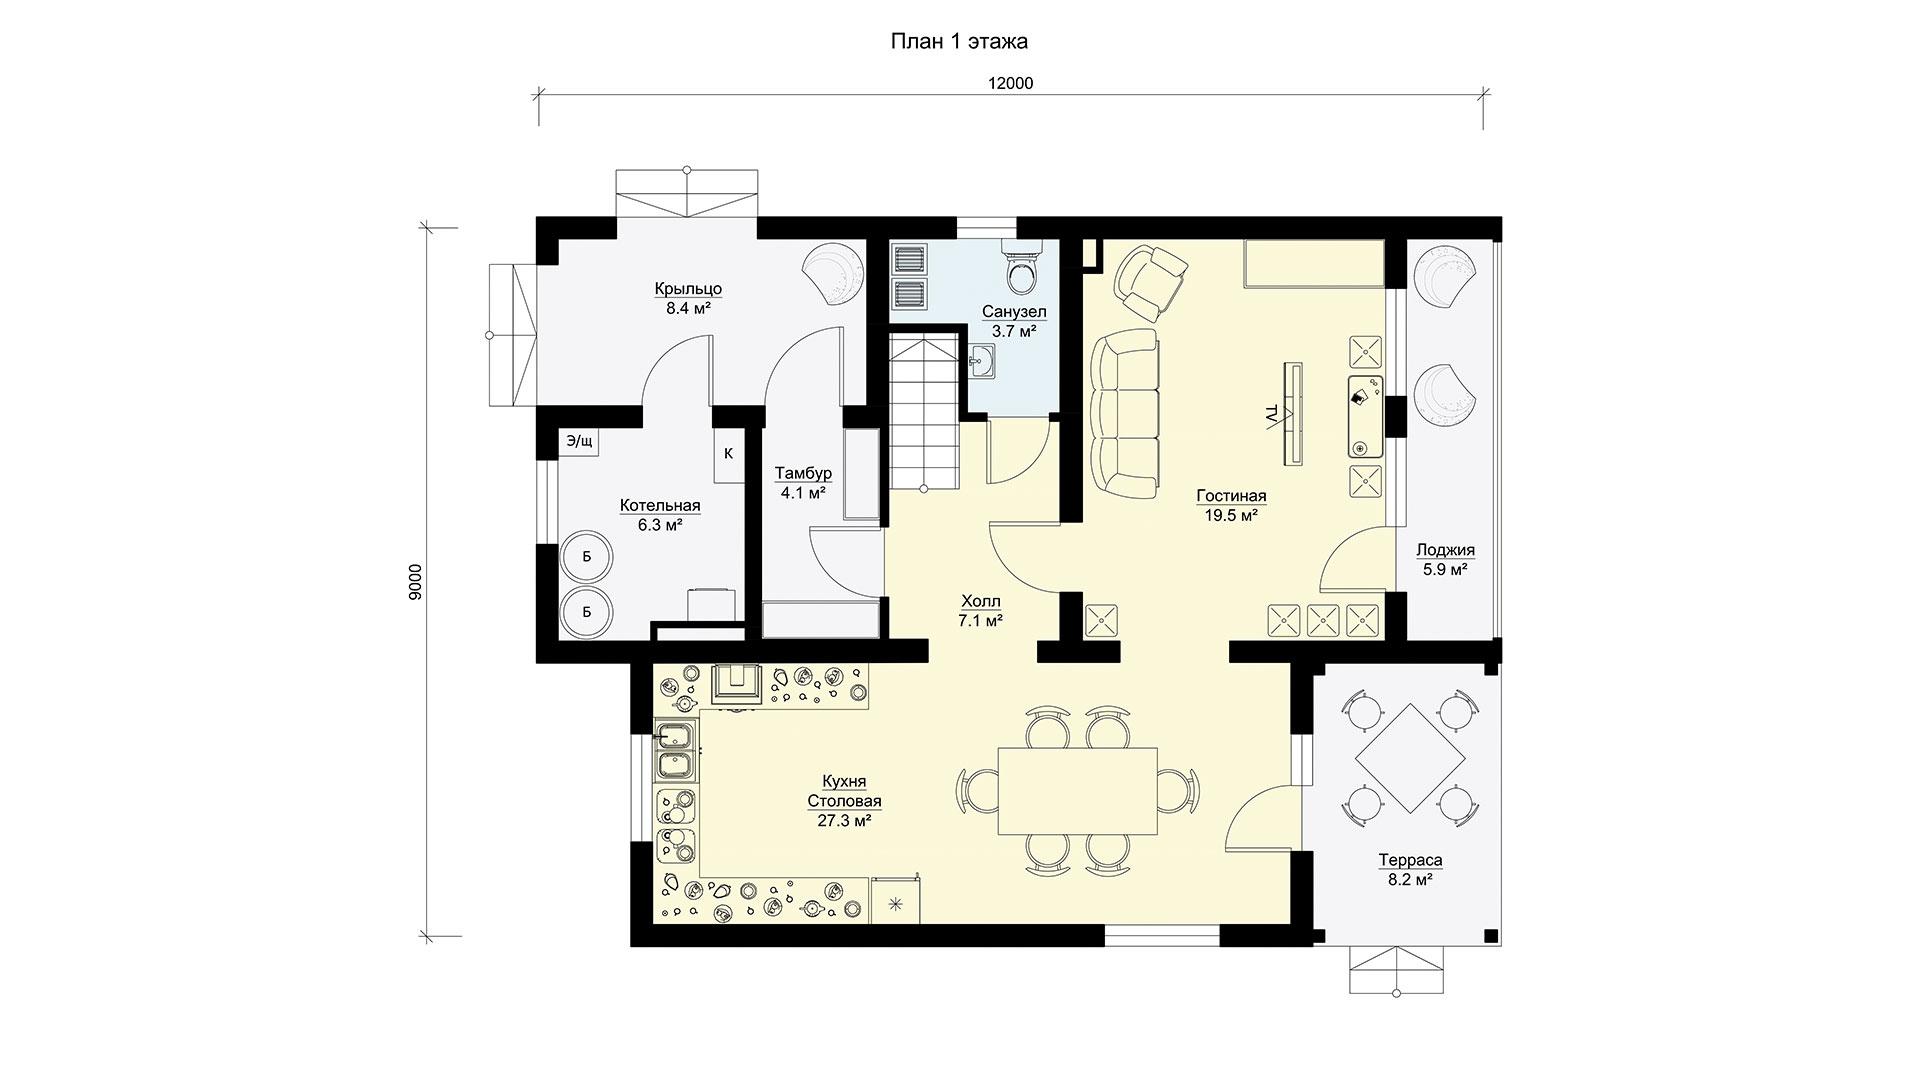 План первого этажа двухэтажного коттеджа МС-202/2 в коттеджном поселке Берег Песочной в Московской области в Истринском районе.